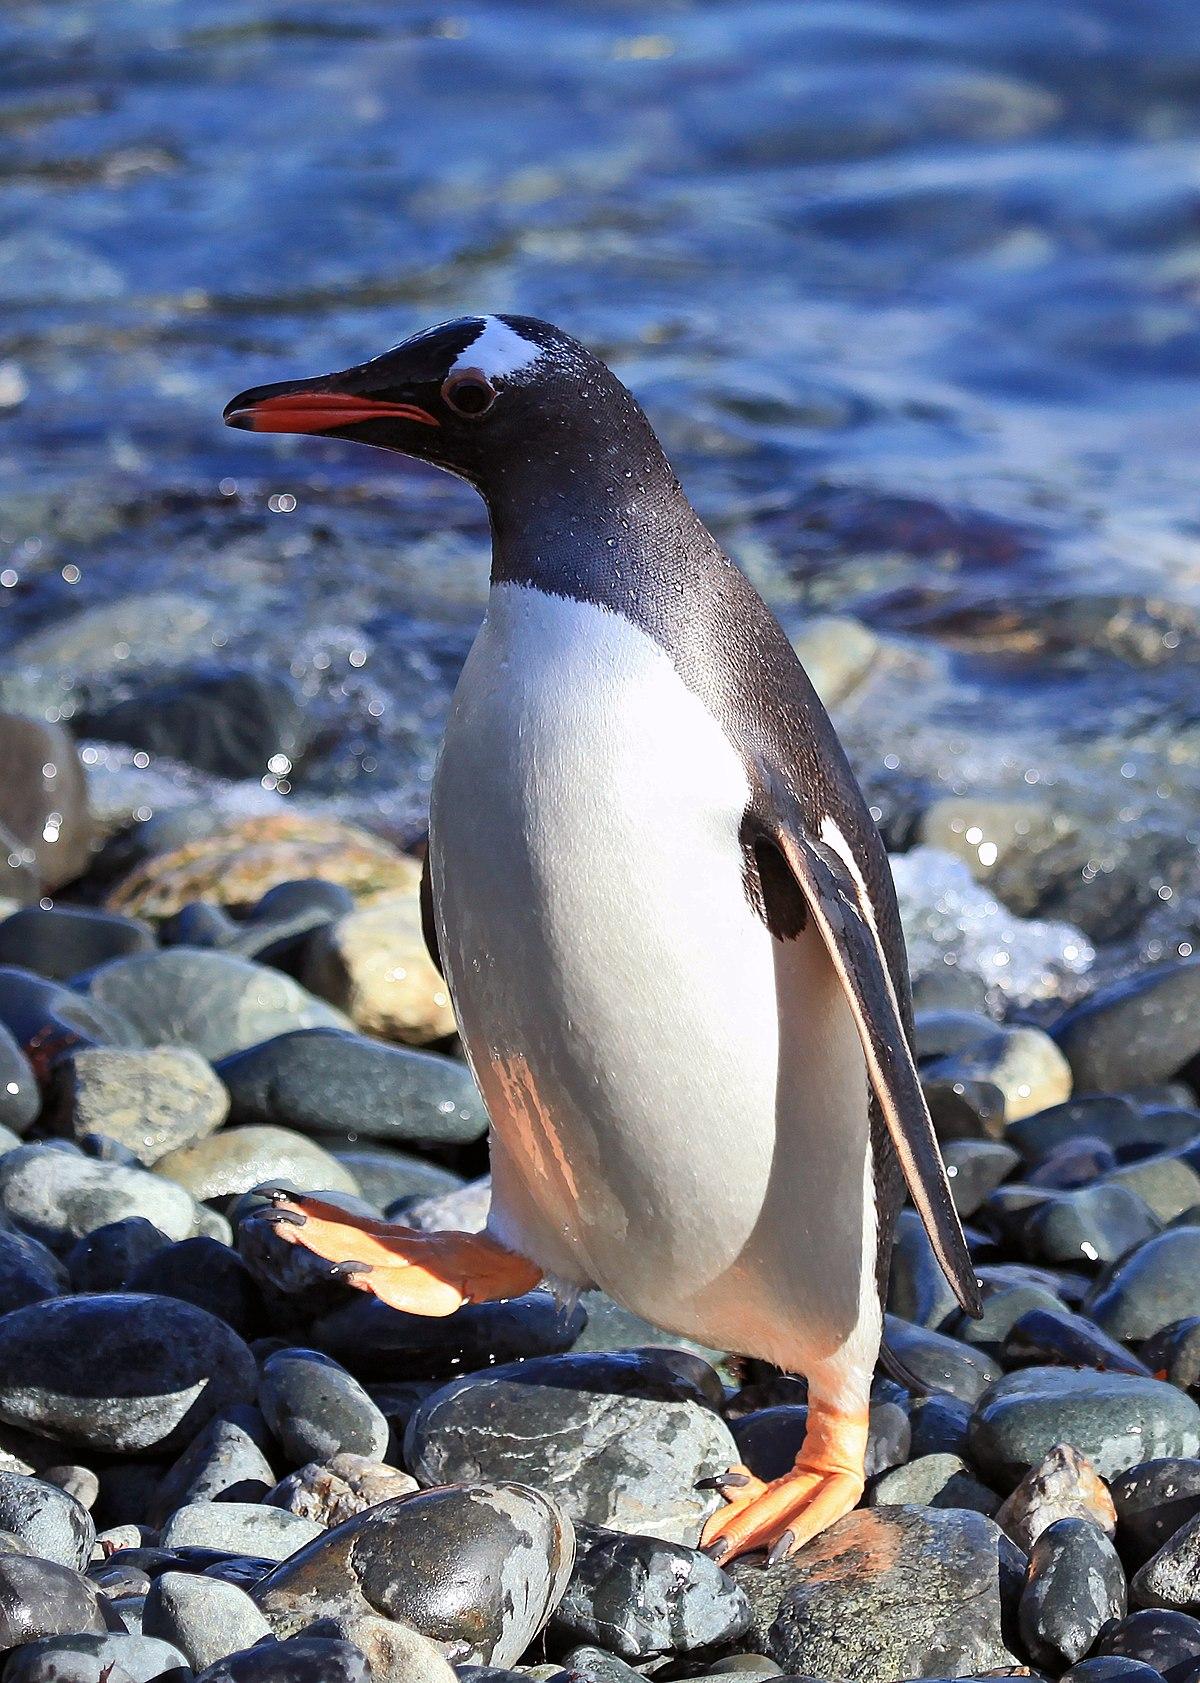 Chú chim cánh cụt Gentoo